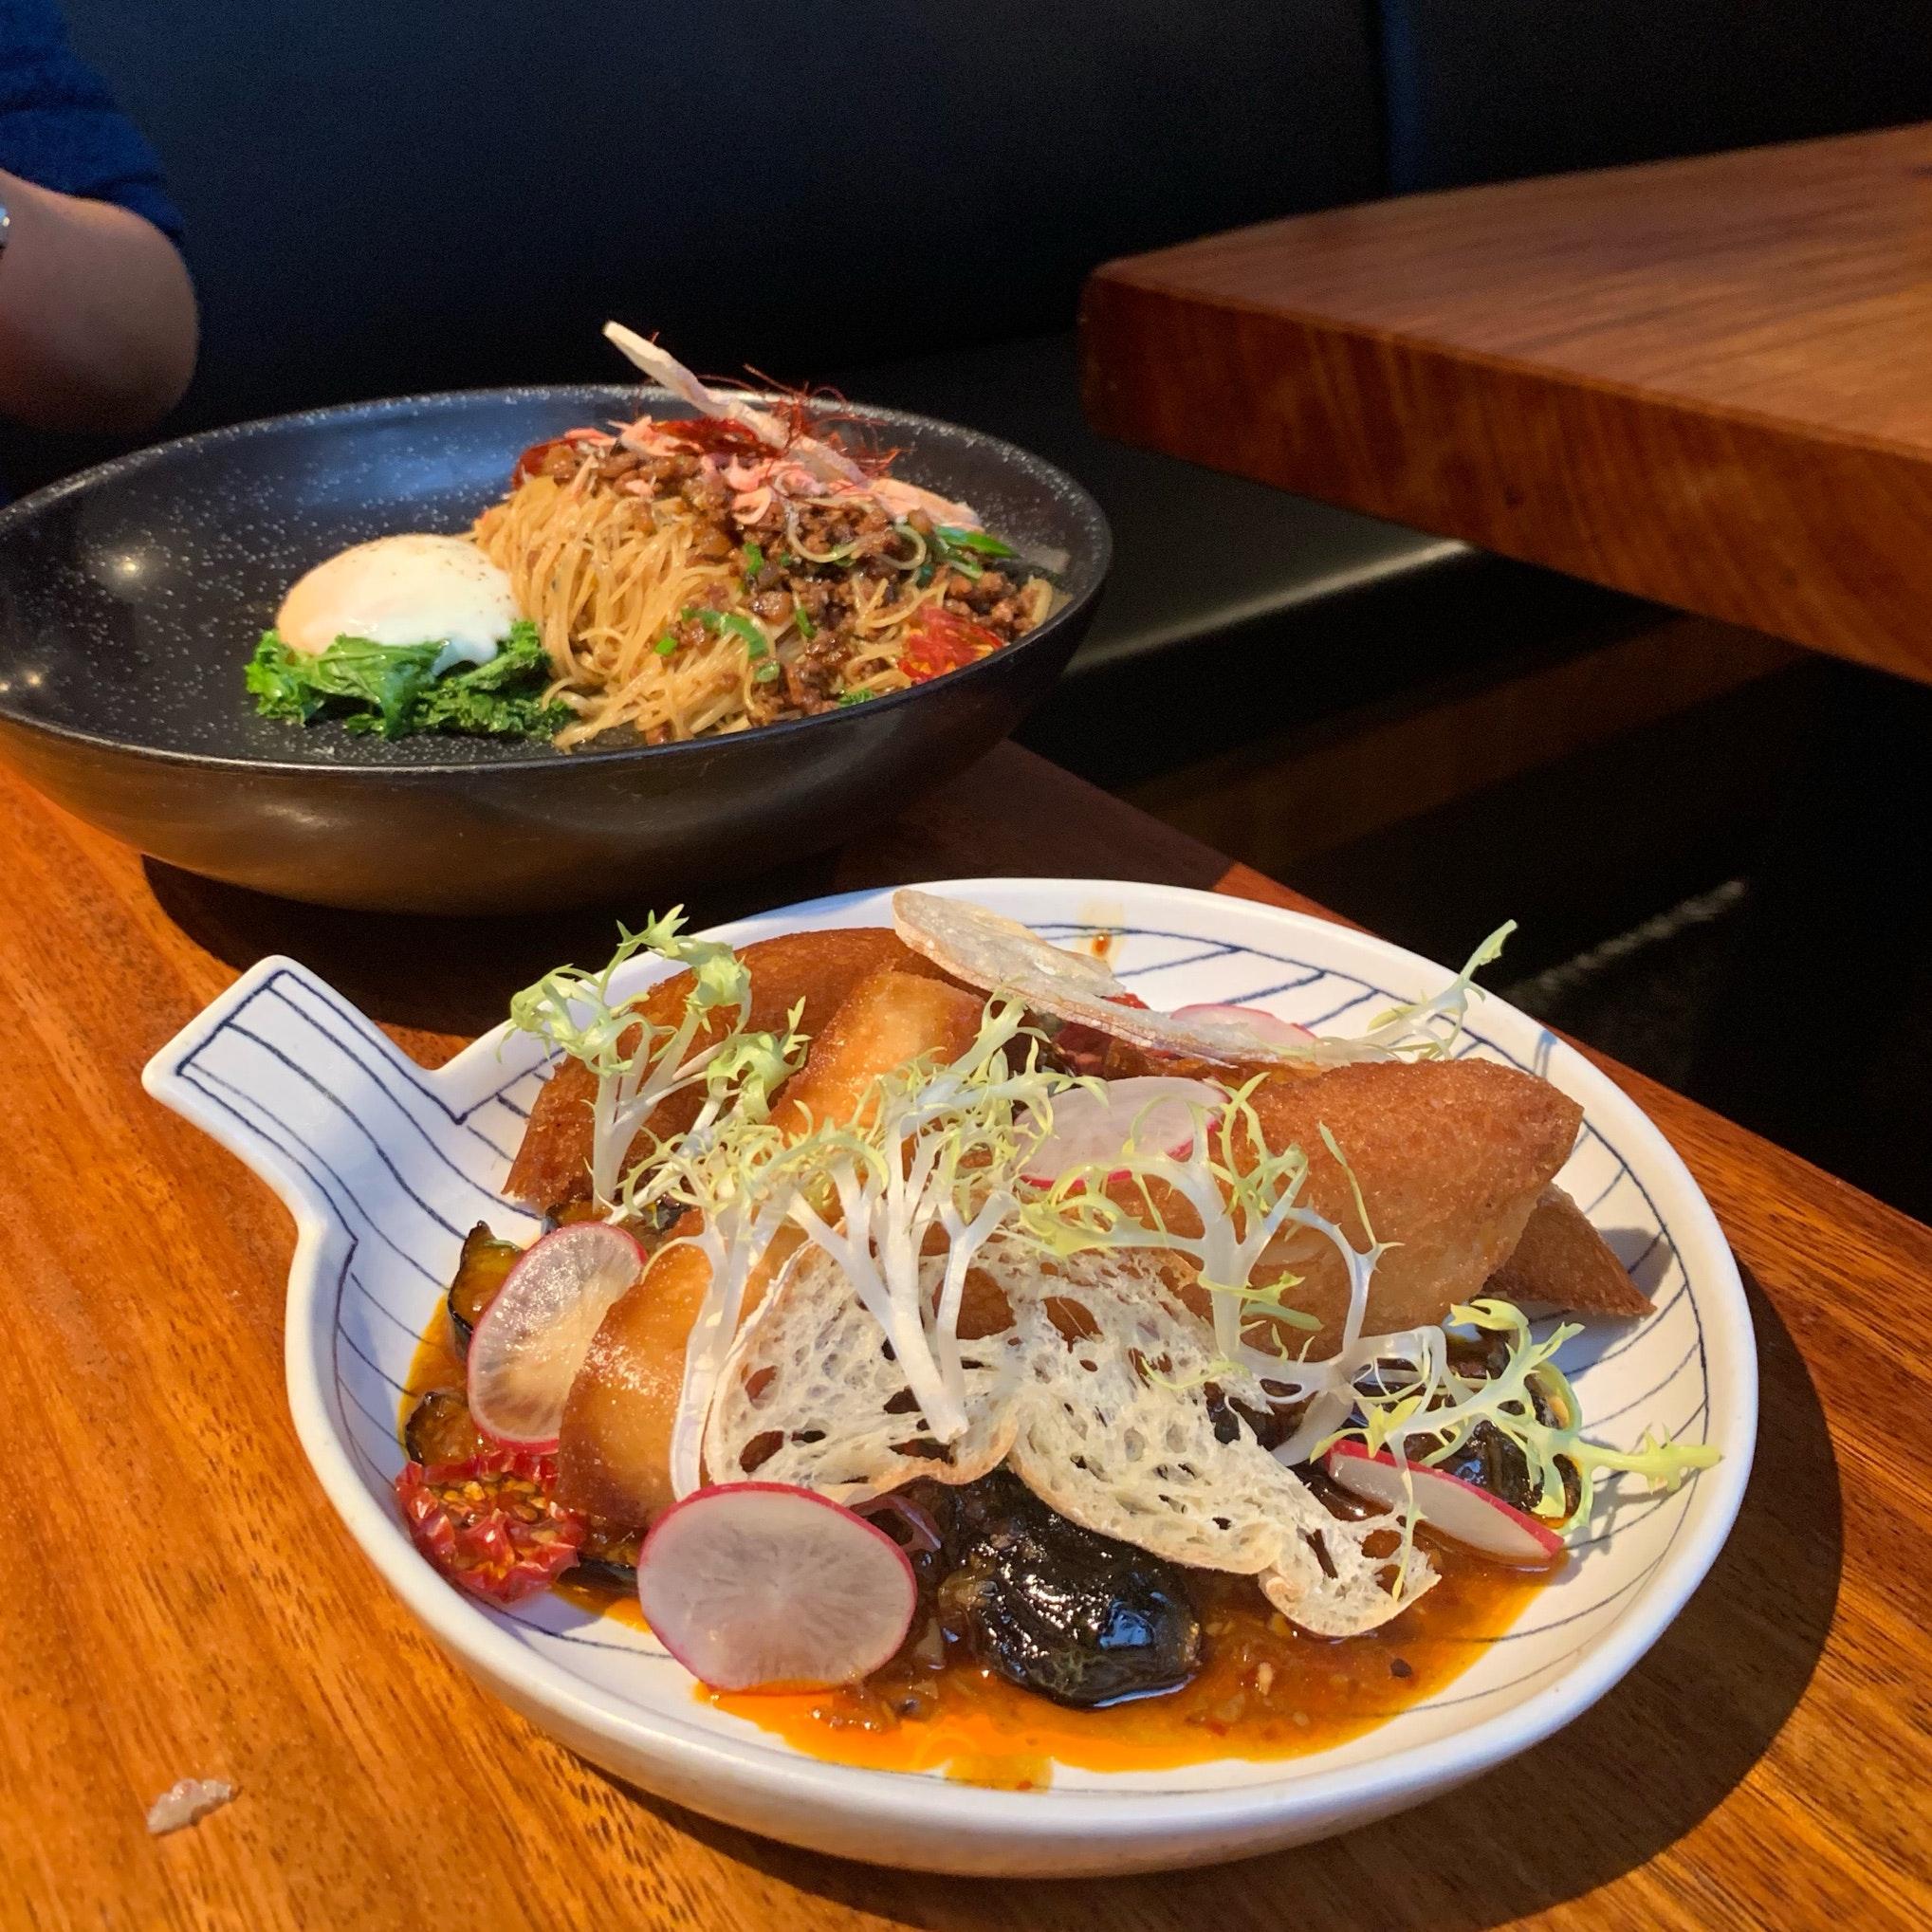 Spicy oriental